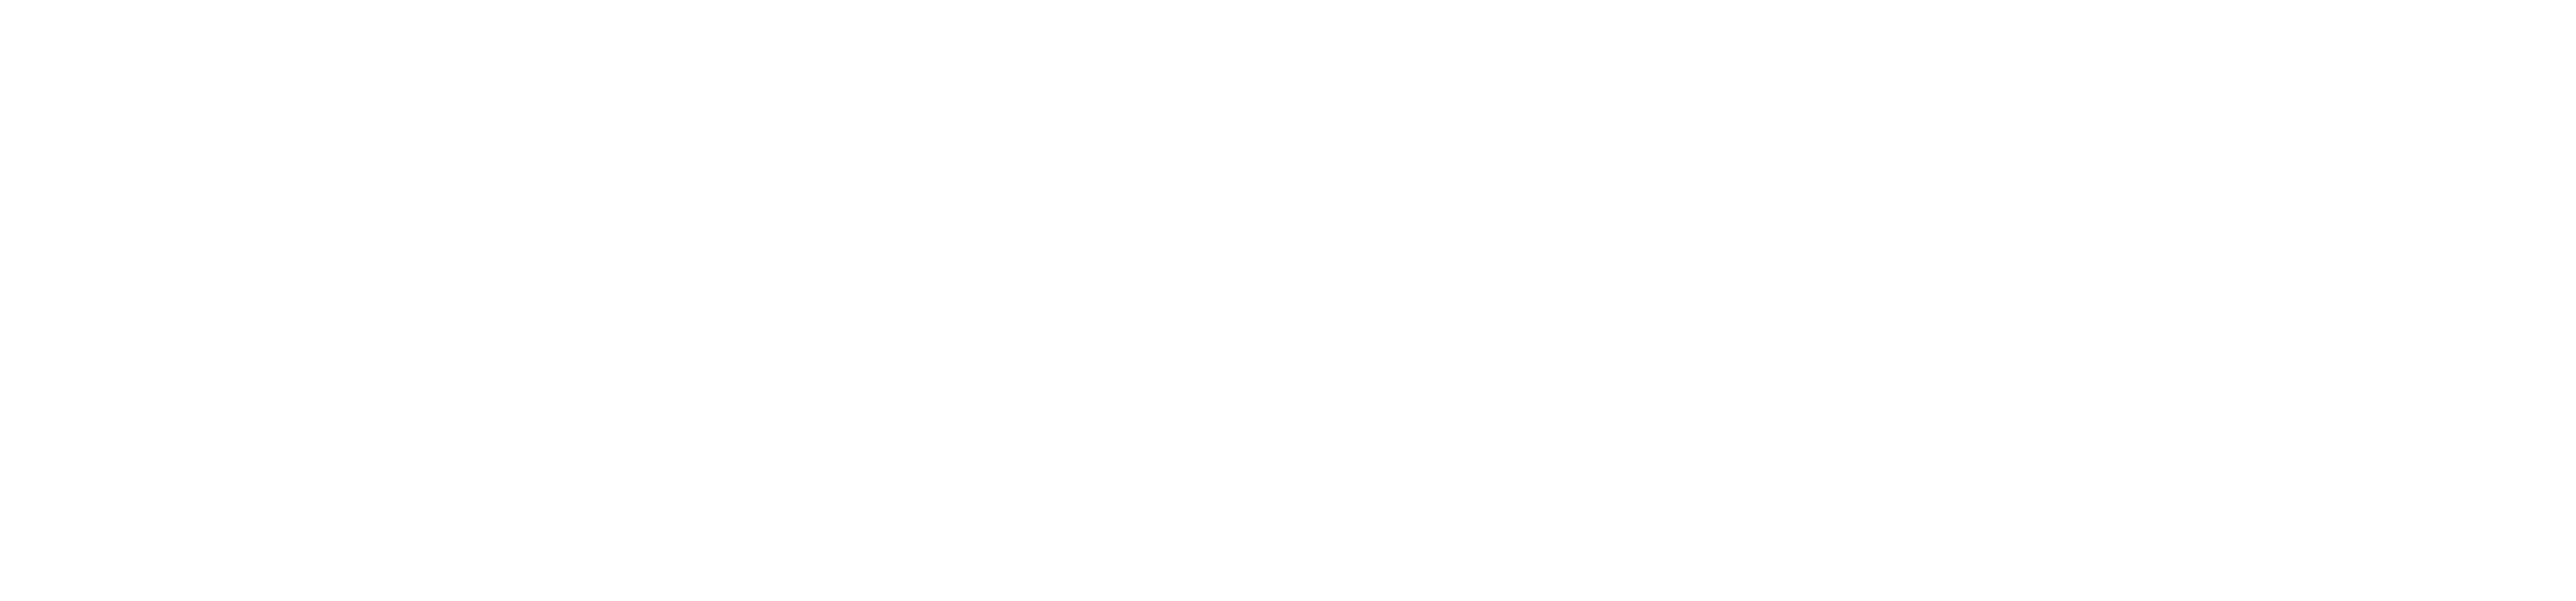 Tritium Technical Solutions